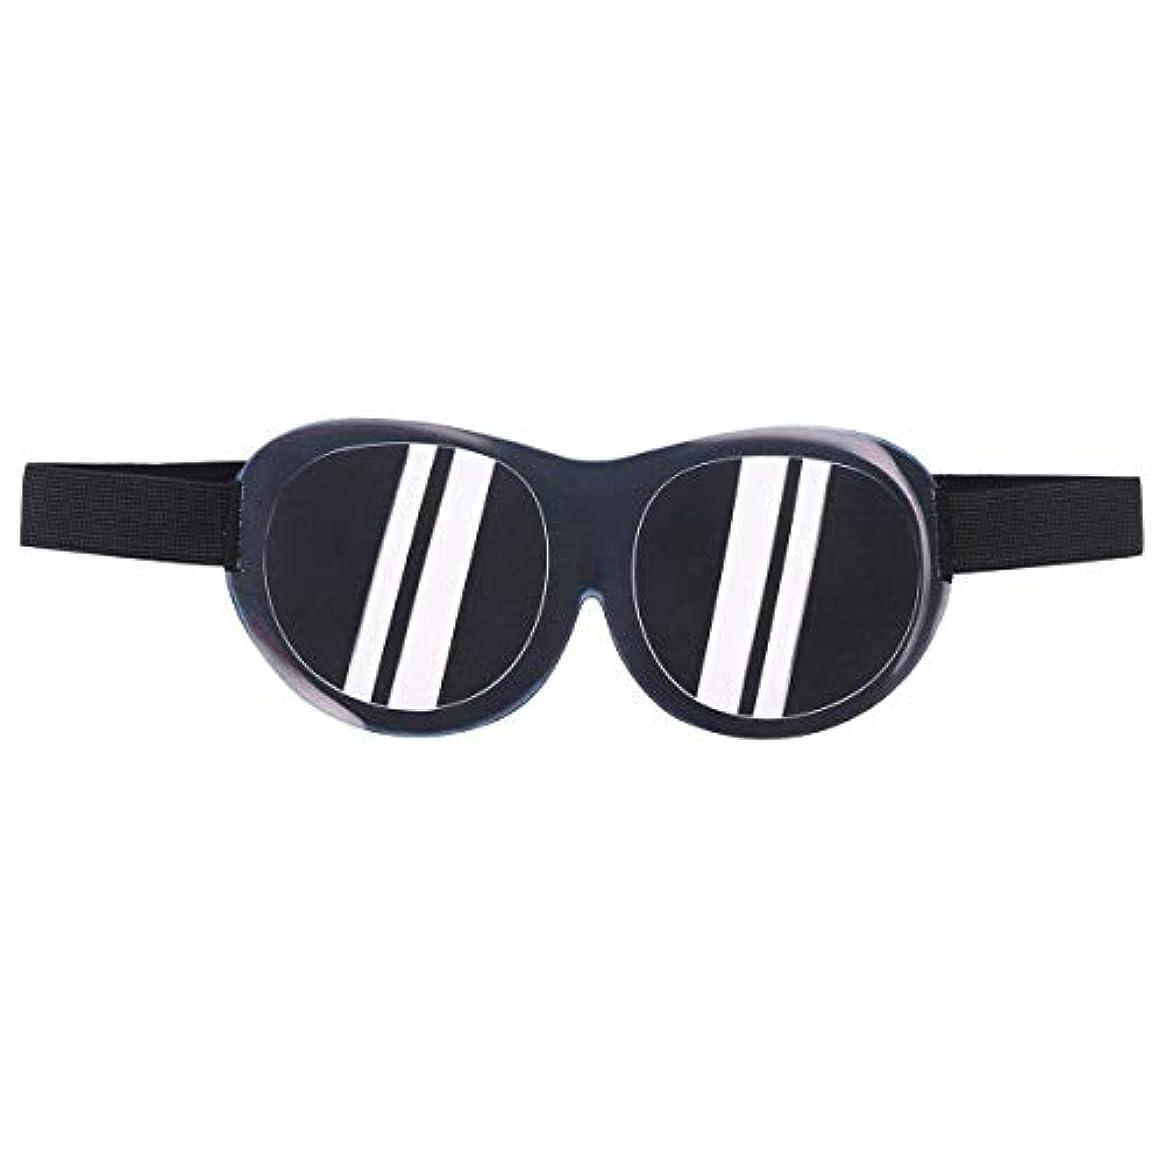 言うまでもなく膜遊具Healifty 3D面白いアイシェード睡眠マスク旅行アイマスク目隠し睡眠ヘルパーアイシェード男性女性旅行昼寝と深い睡眠(サングラスを装ったふりをする)